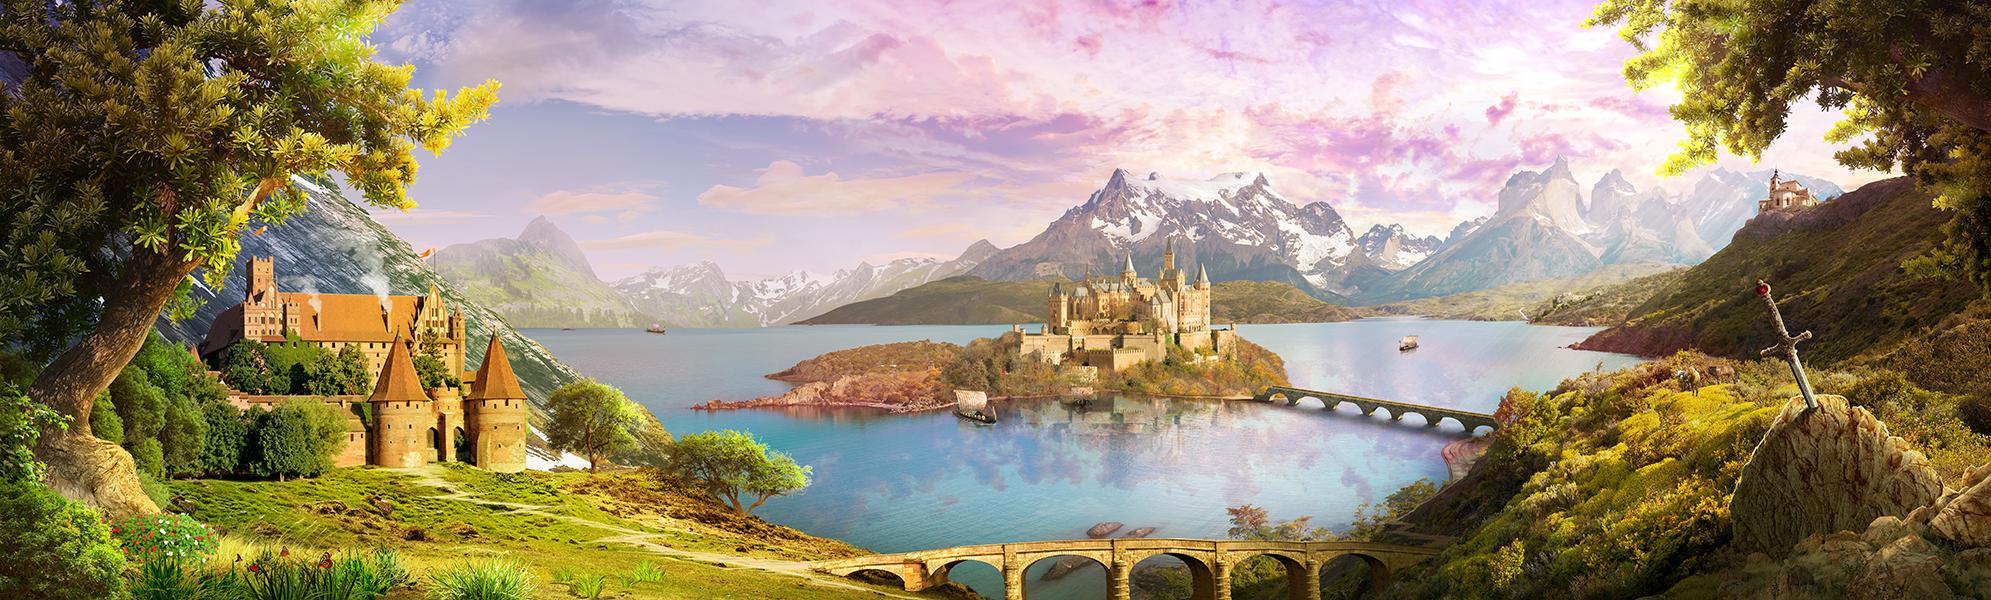 14 Островной замок на горном озере